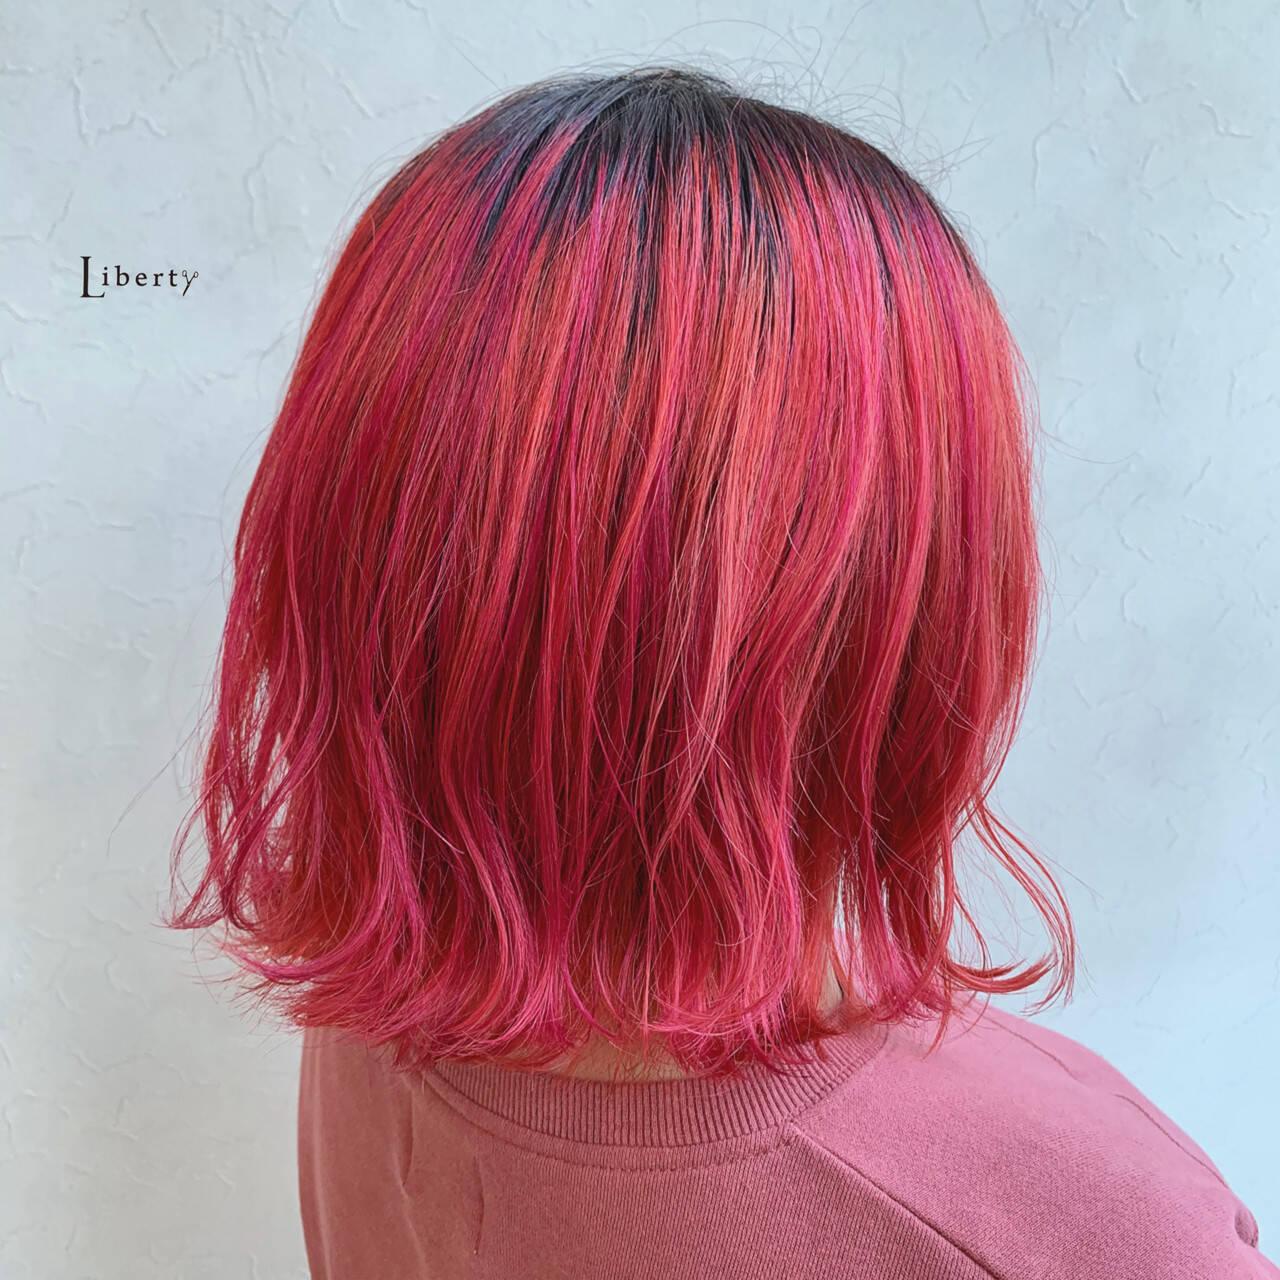 ピンク アプリコットオレンジ オレンジカラー ミディアムヘアスタイルや髪型の写真・画像